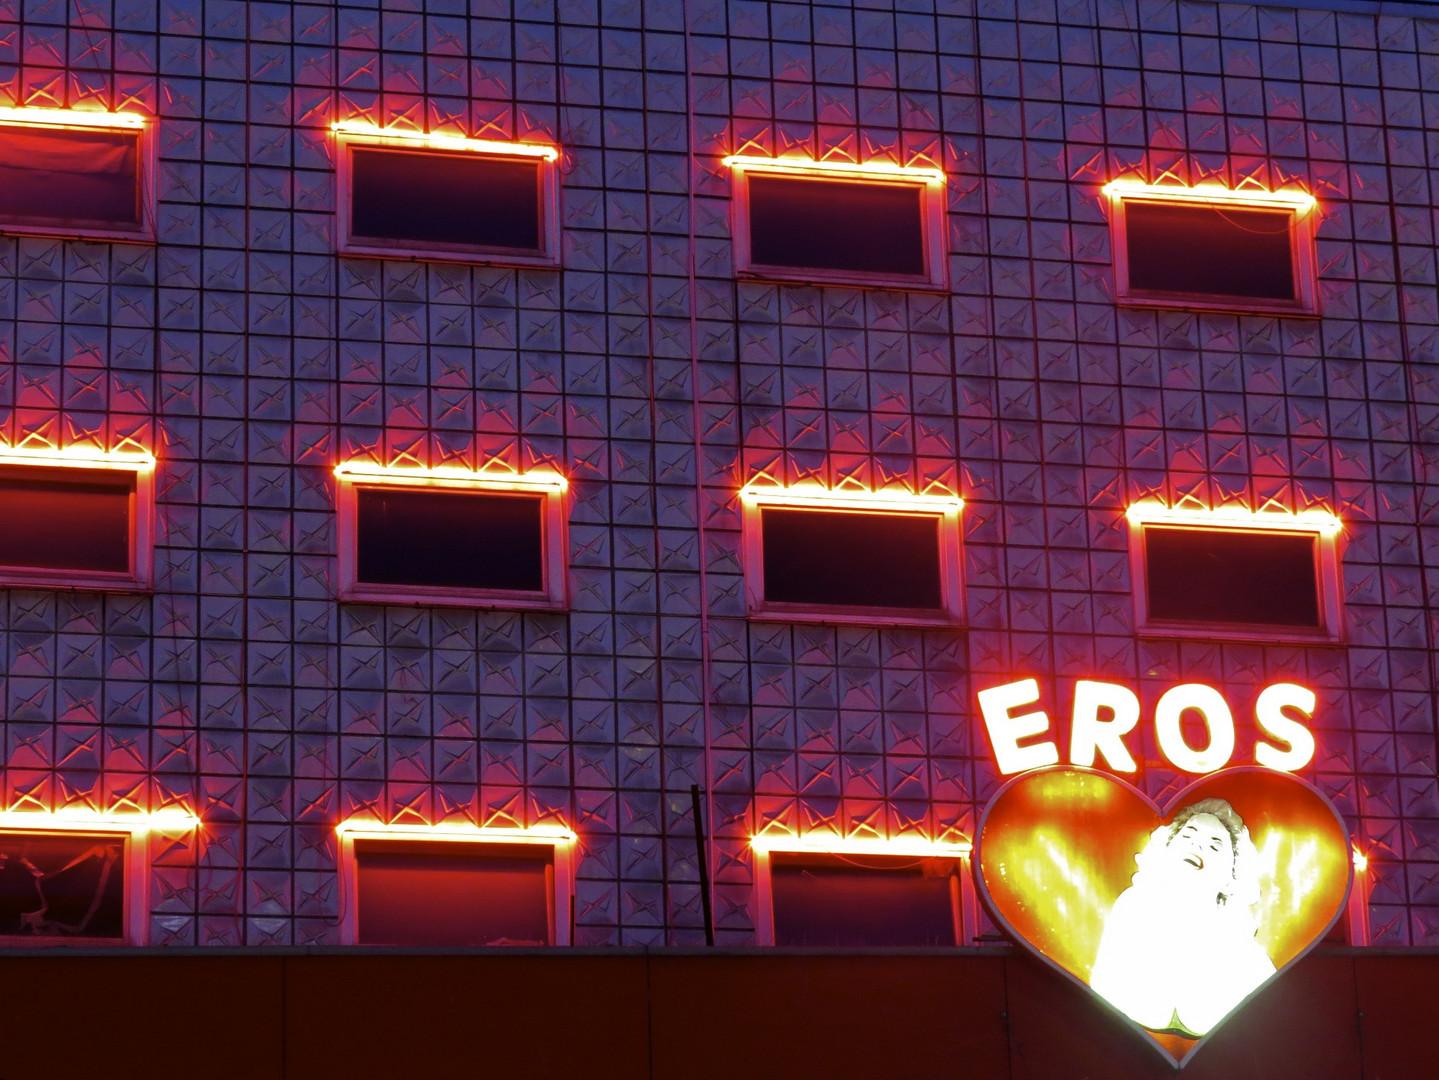 erotische Architektur